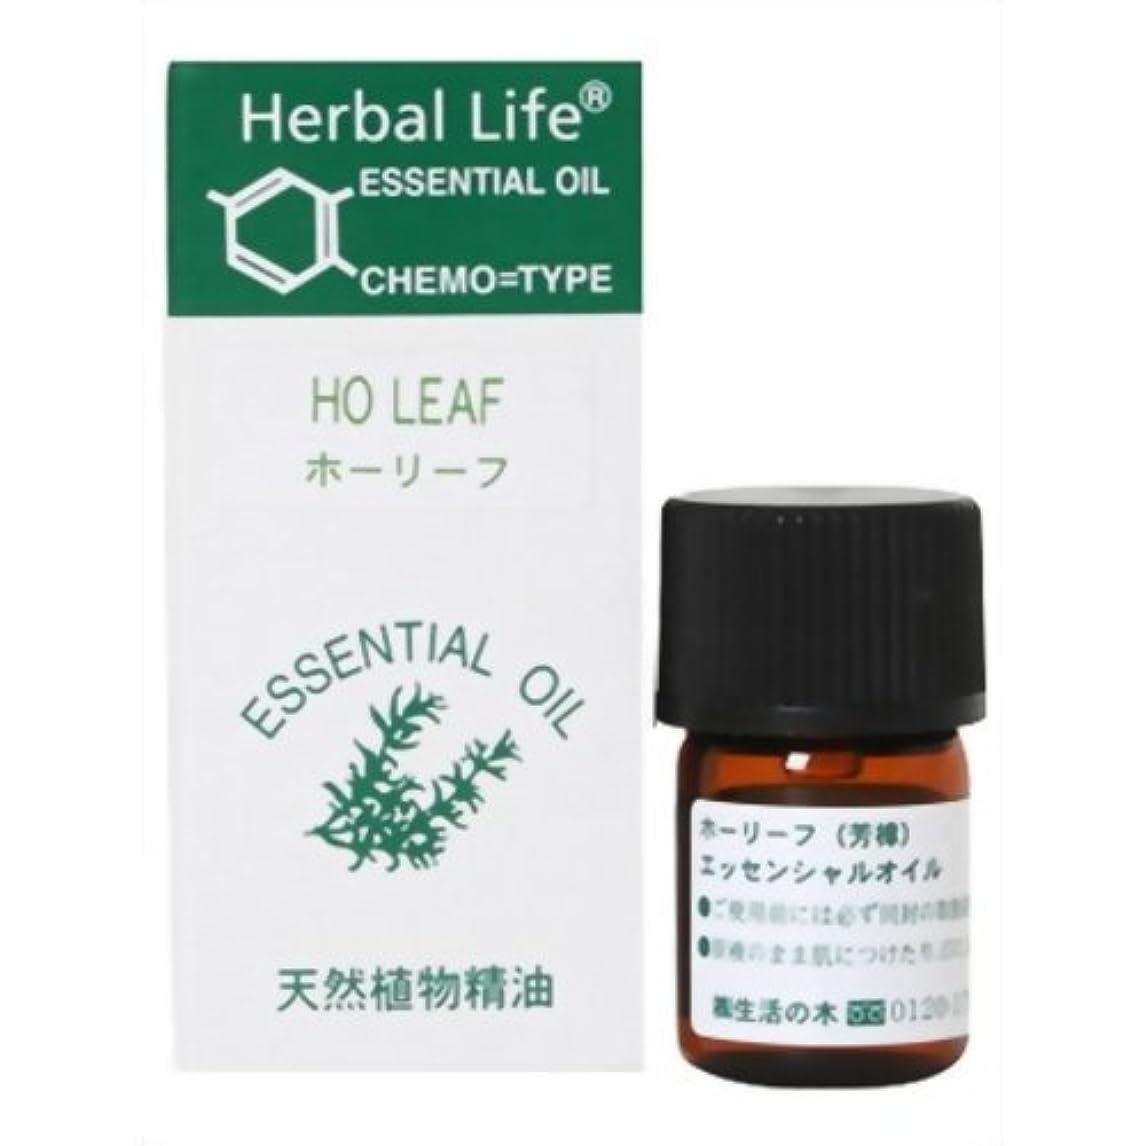 修士号おなじみのフローティング生活の木 Herbal Life ホーリーフ 3ml